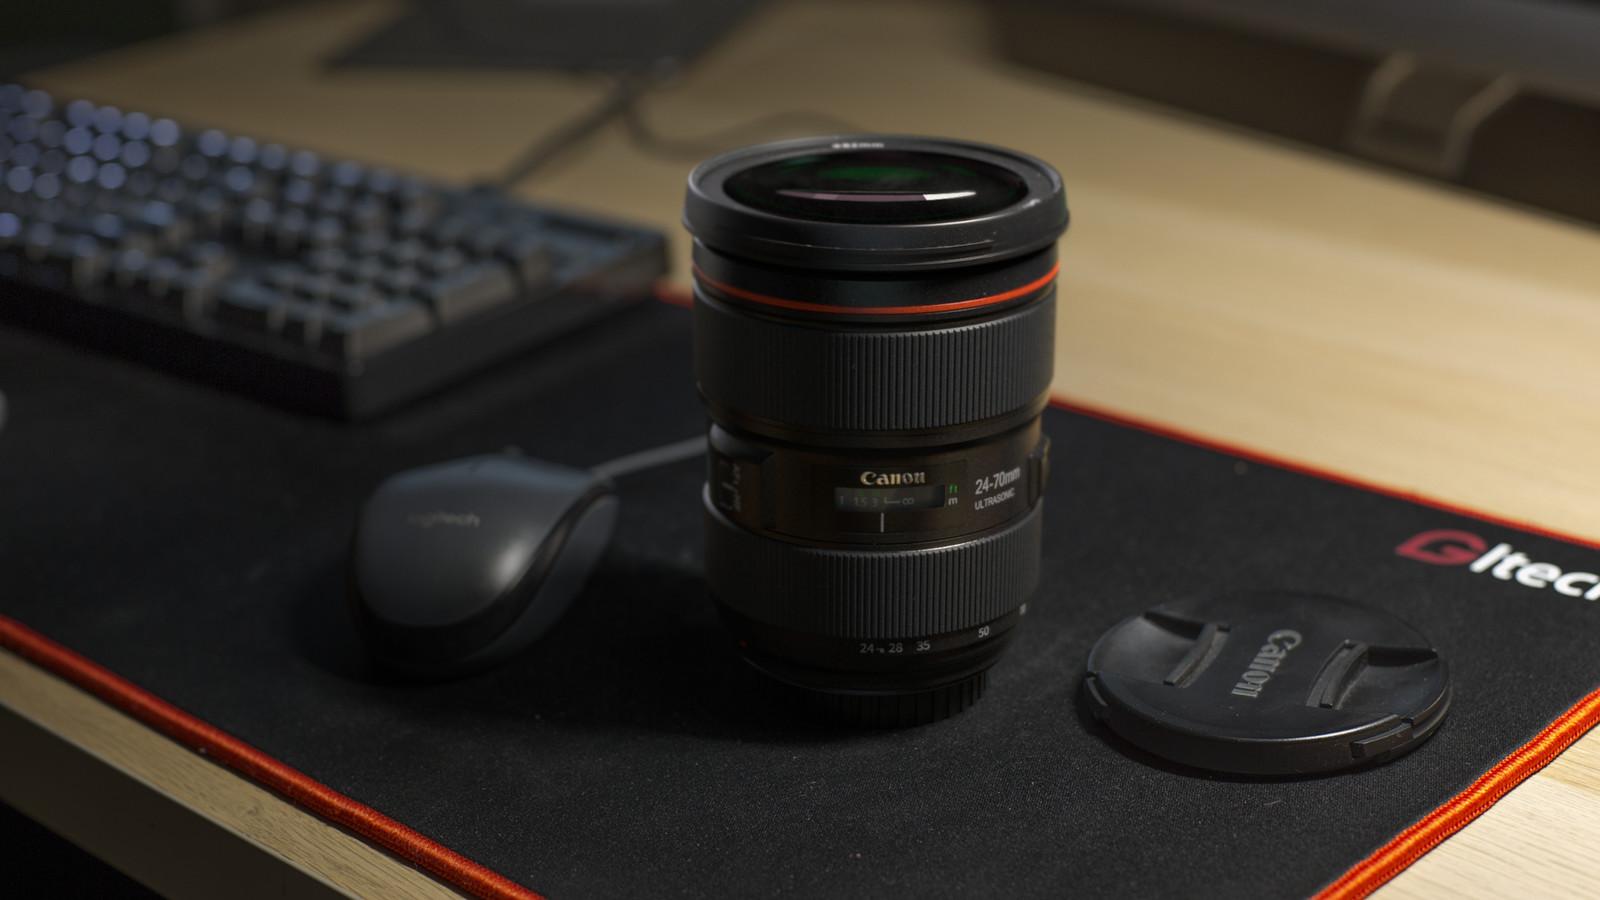 little update lens comp